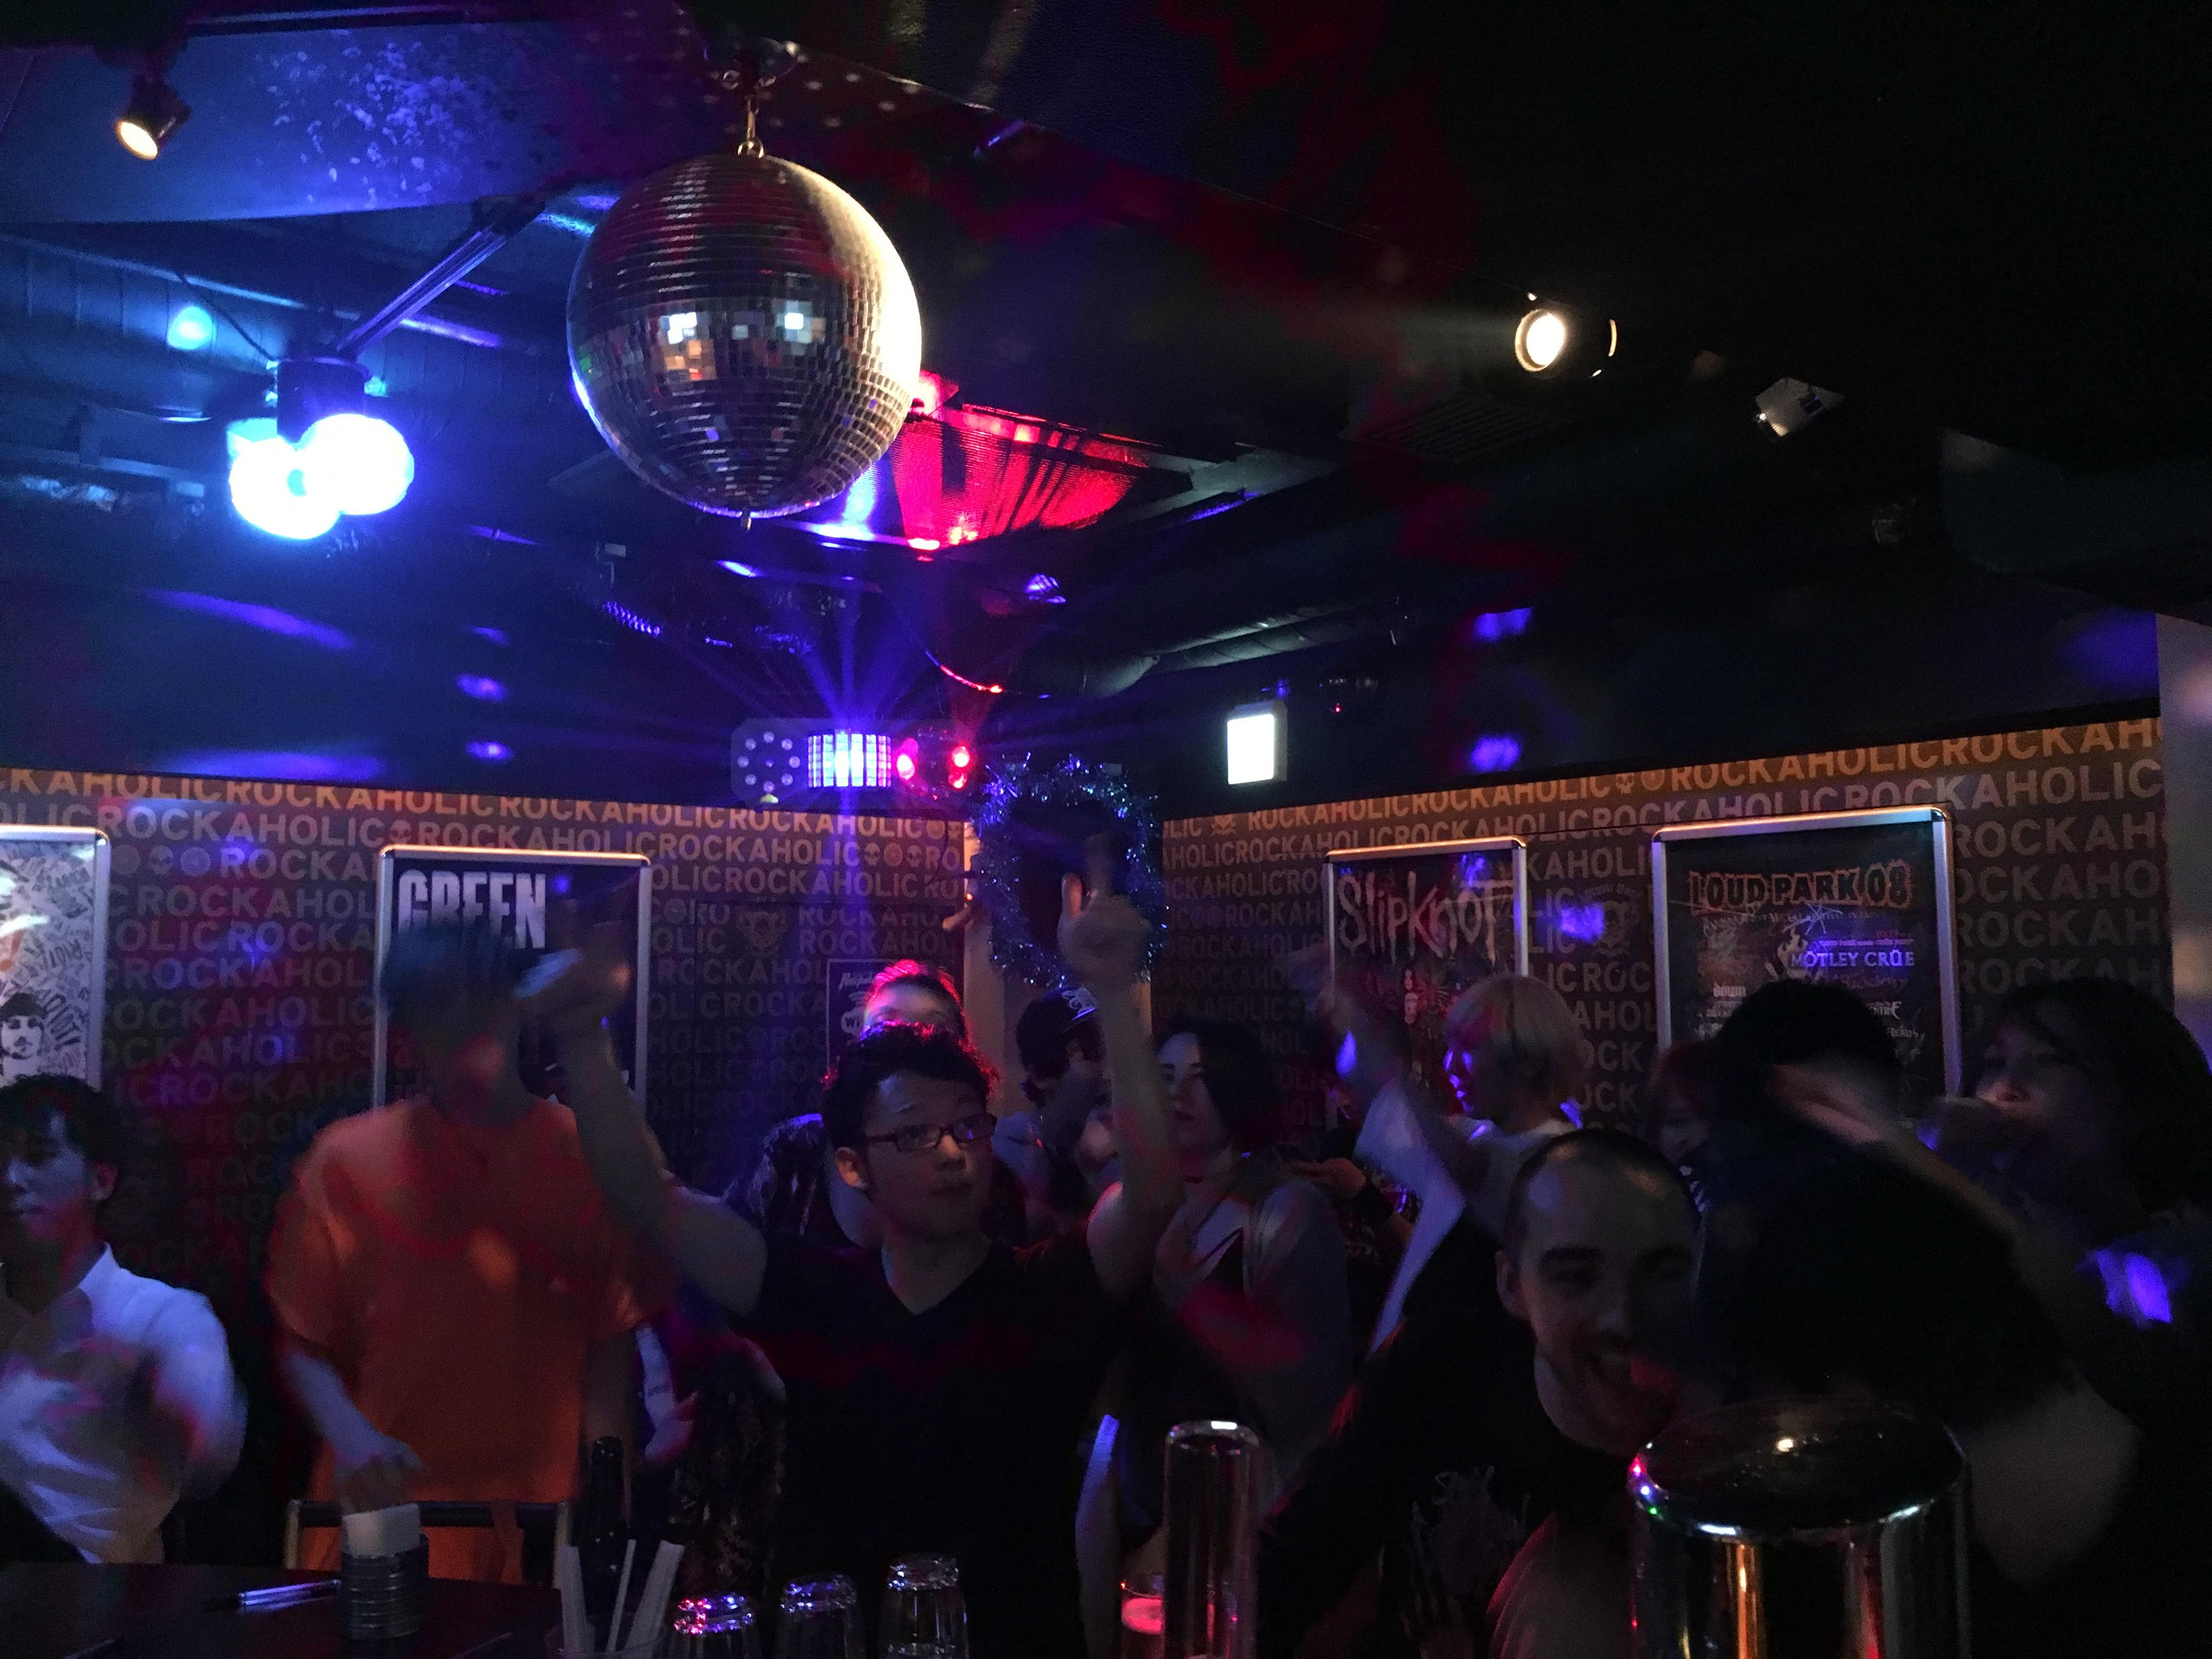 https://bar-rockaholic.jp/shibuya/blog/A9CD9FF7-90C8-4306-B6AF-62561DA70AE5.jpeg